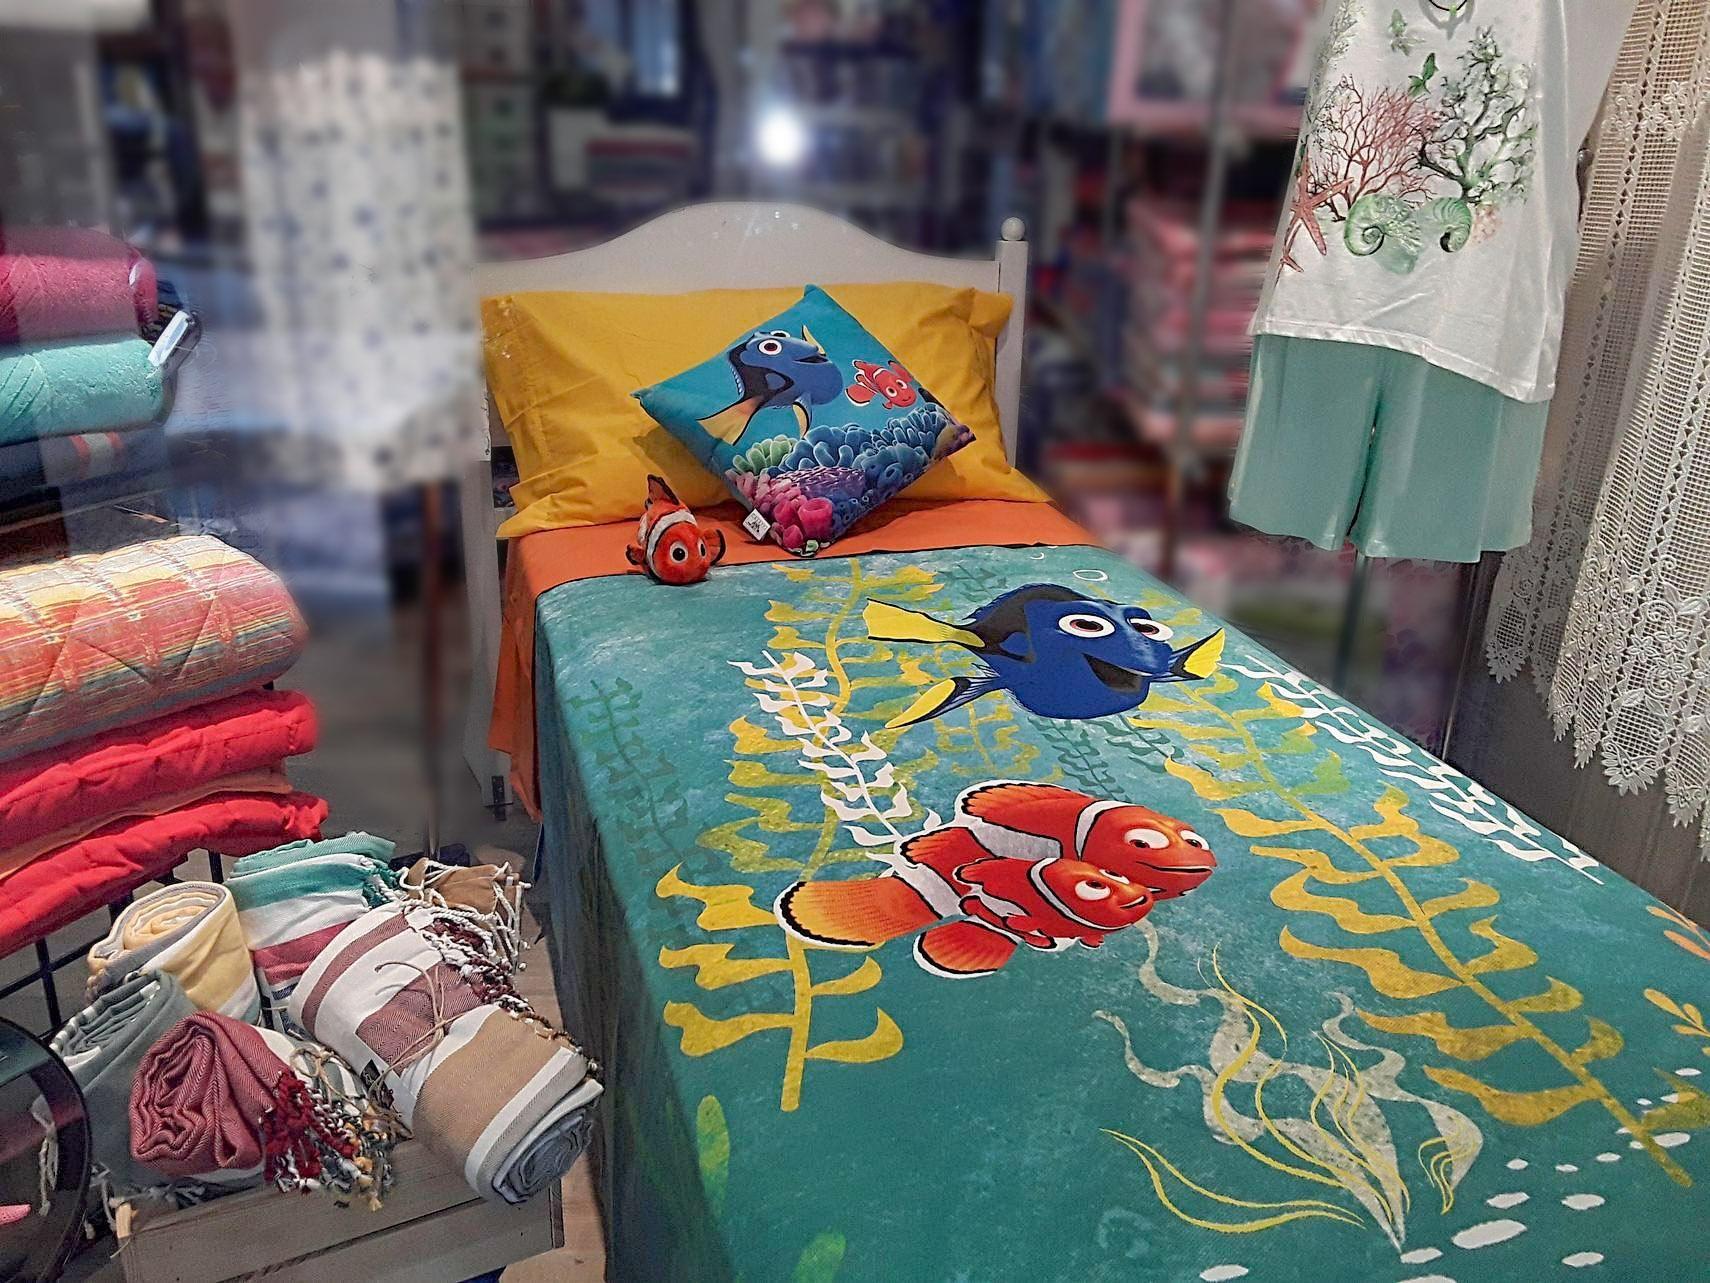 Negozi Biancheria Casa Torino tessili letto nelle vetrine di dosio biancheria per la casa